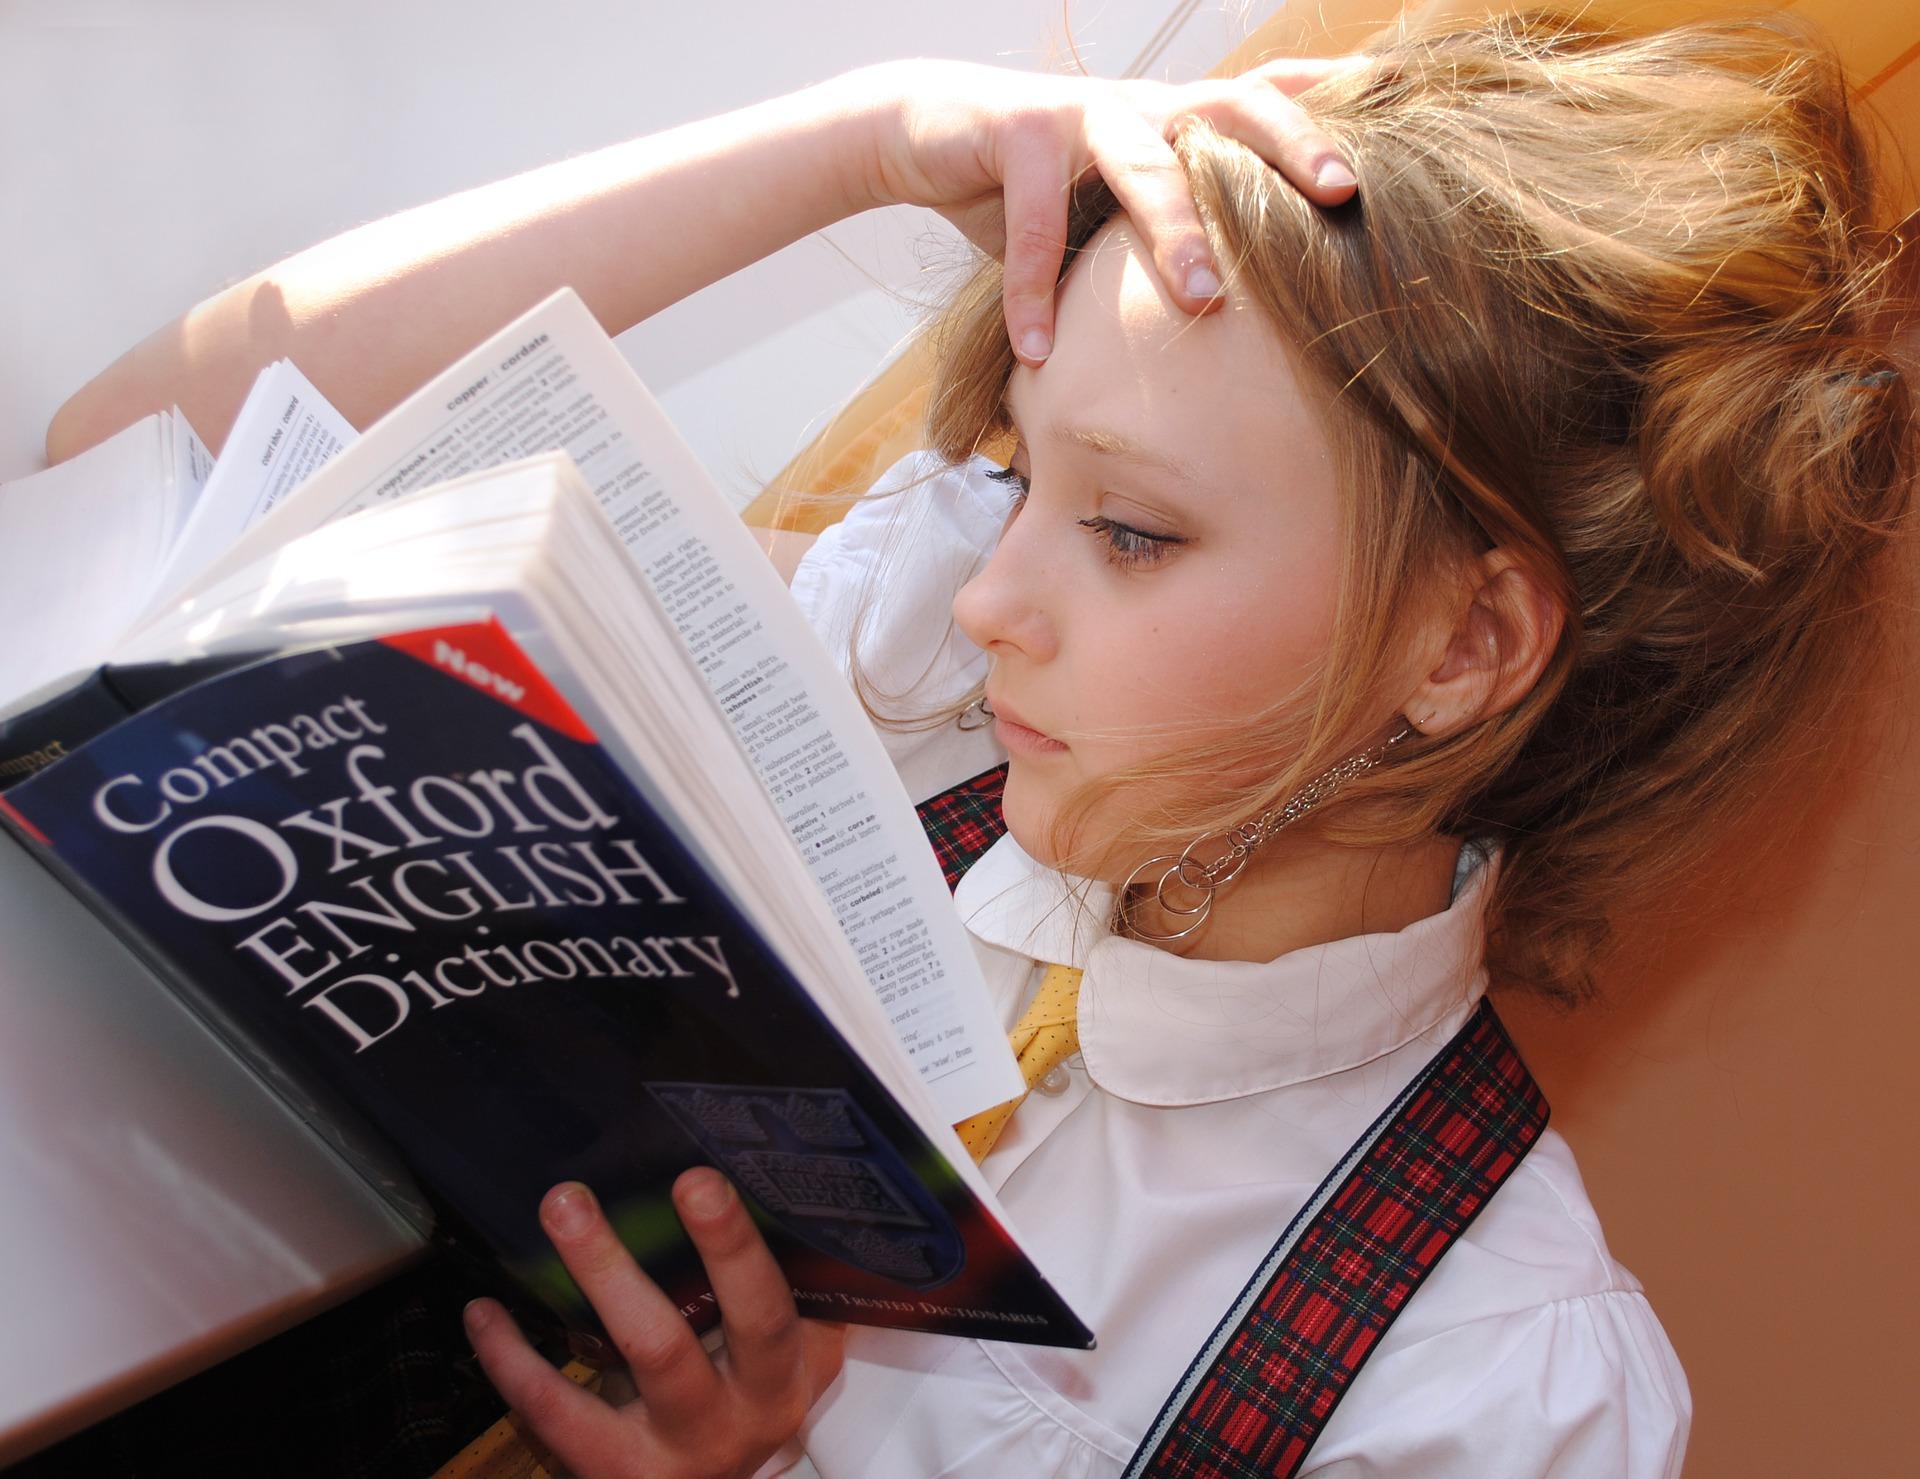 Kako učiti dva jezika istovremeno?